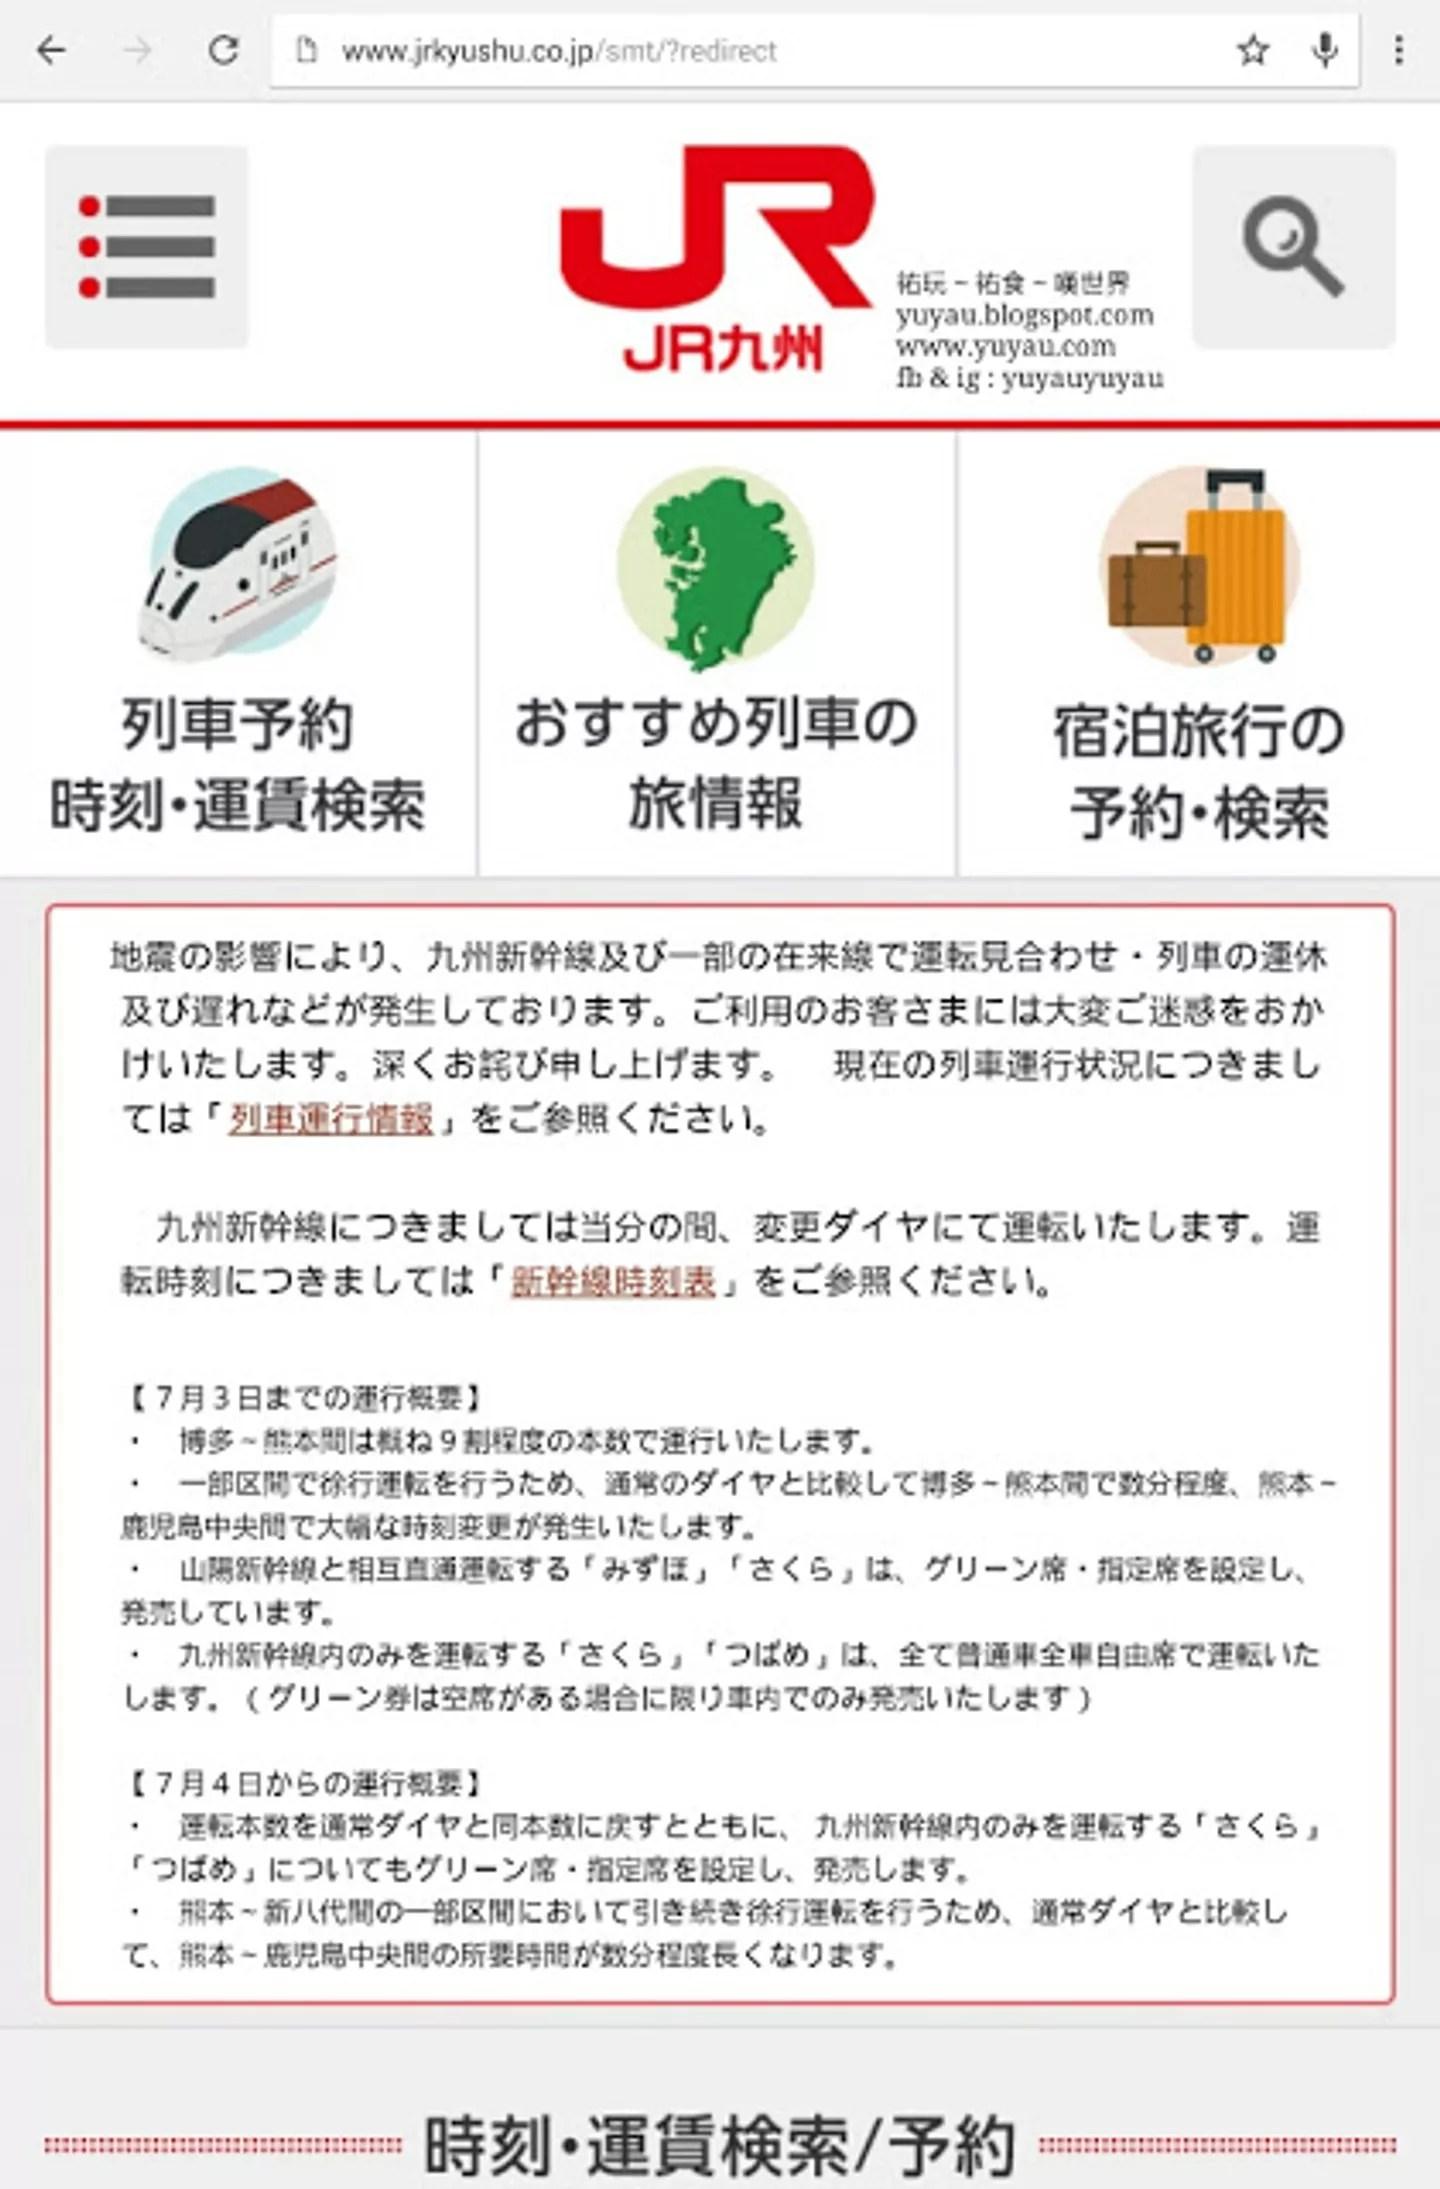 九州交通 - JR九州官網 會員注冊+購票流程@祐YaU (11597) - 旅行酒吧